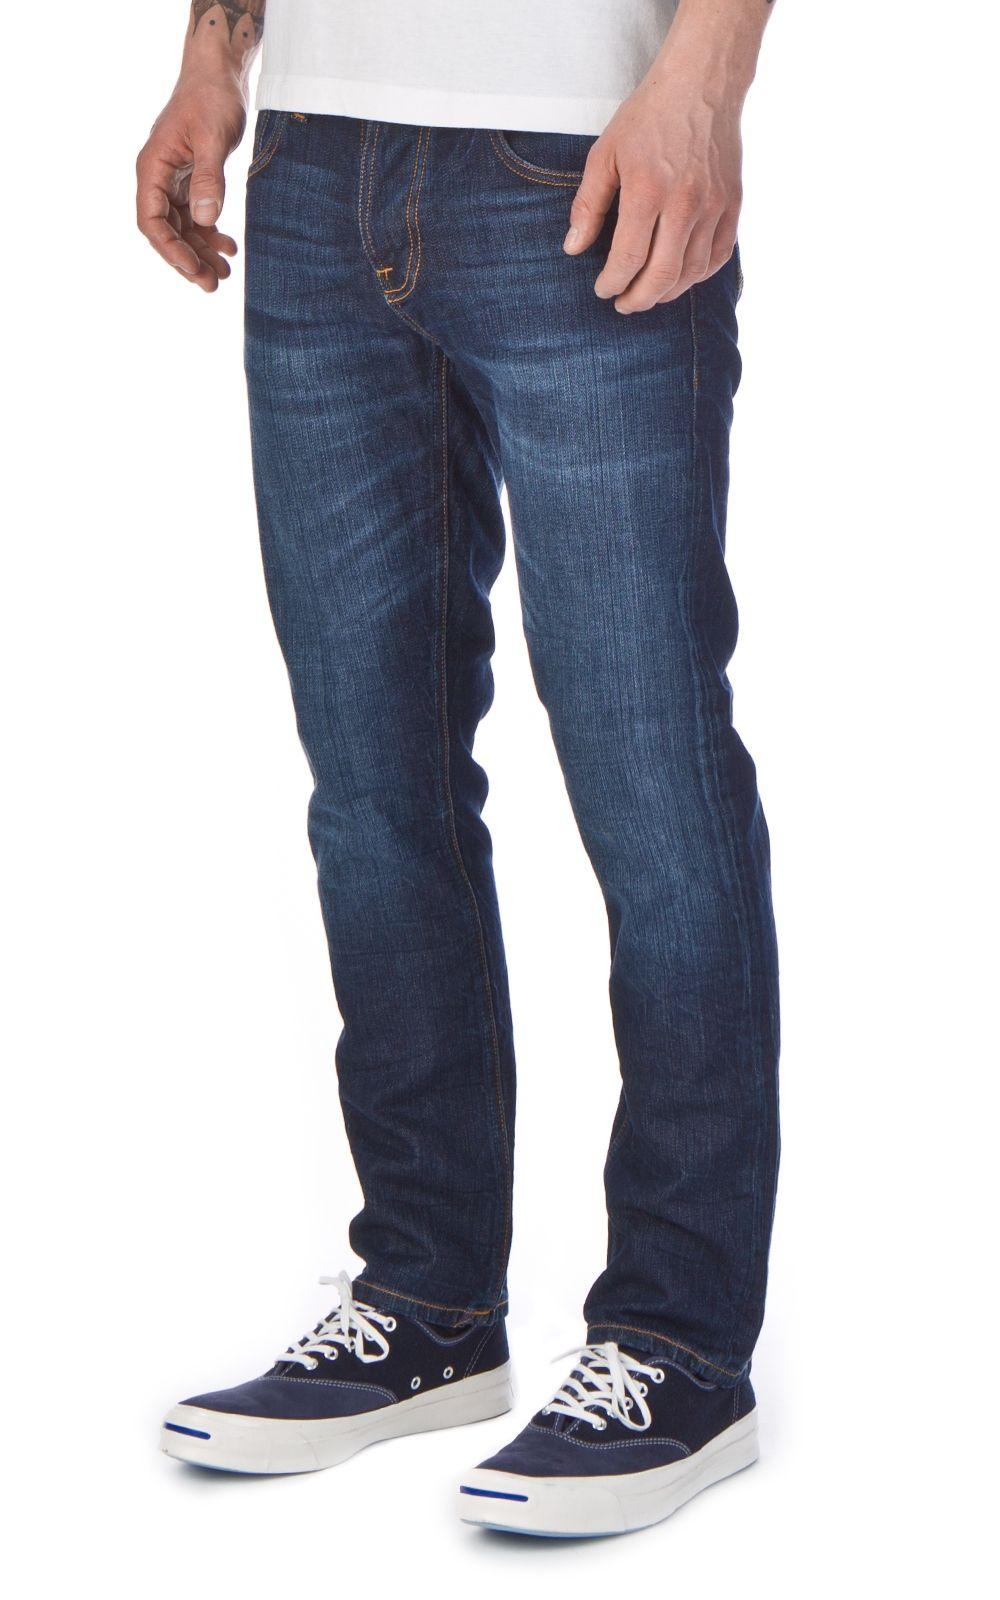 Nudie jeans · Nudie Jeans Grim Tim Blue Swede